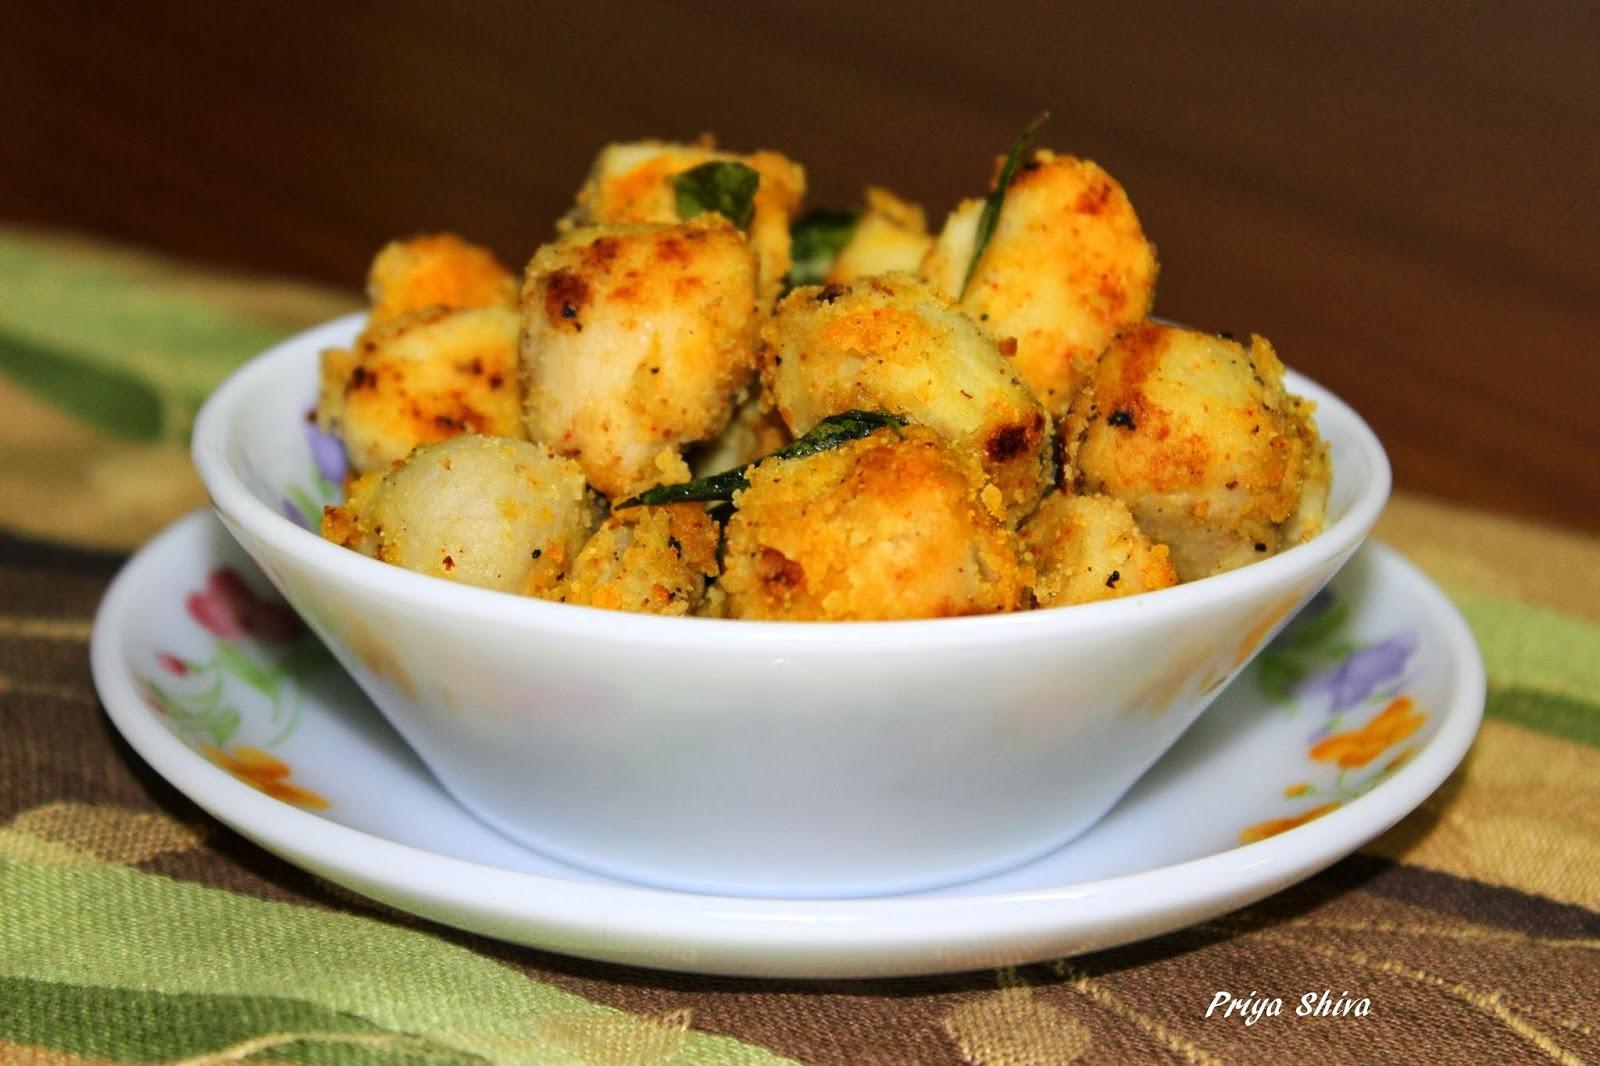 Arbi roast/ Colocasia Stir Fry/ Seppankizhangu Roast